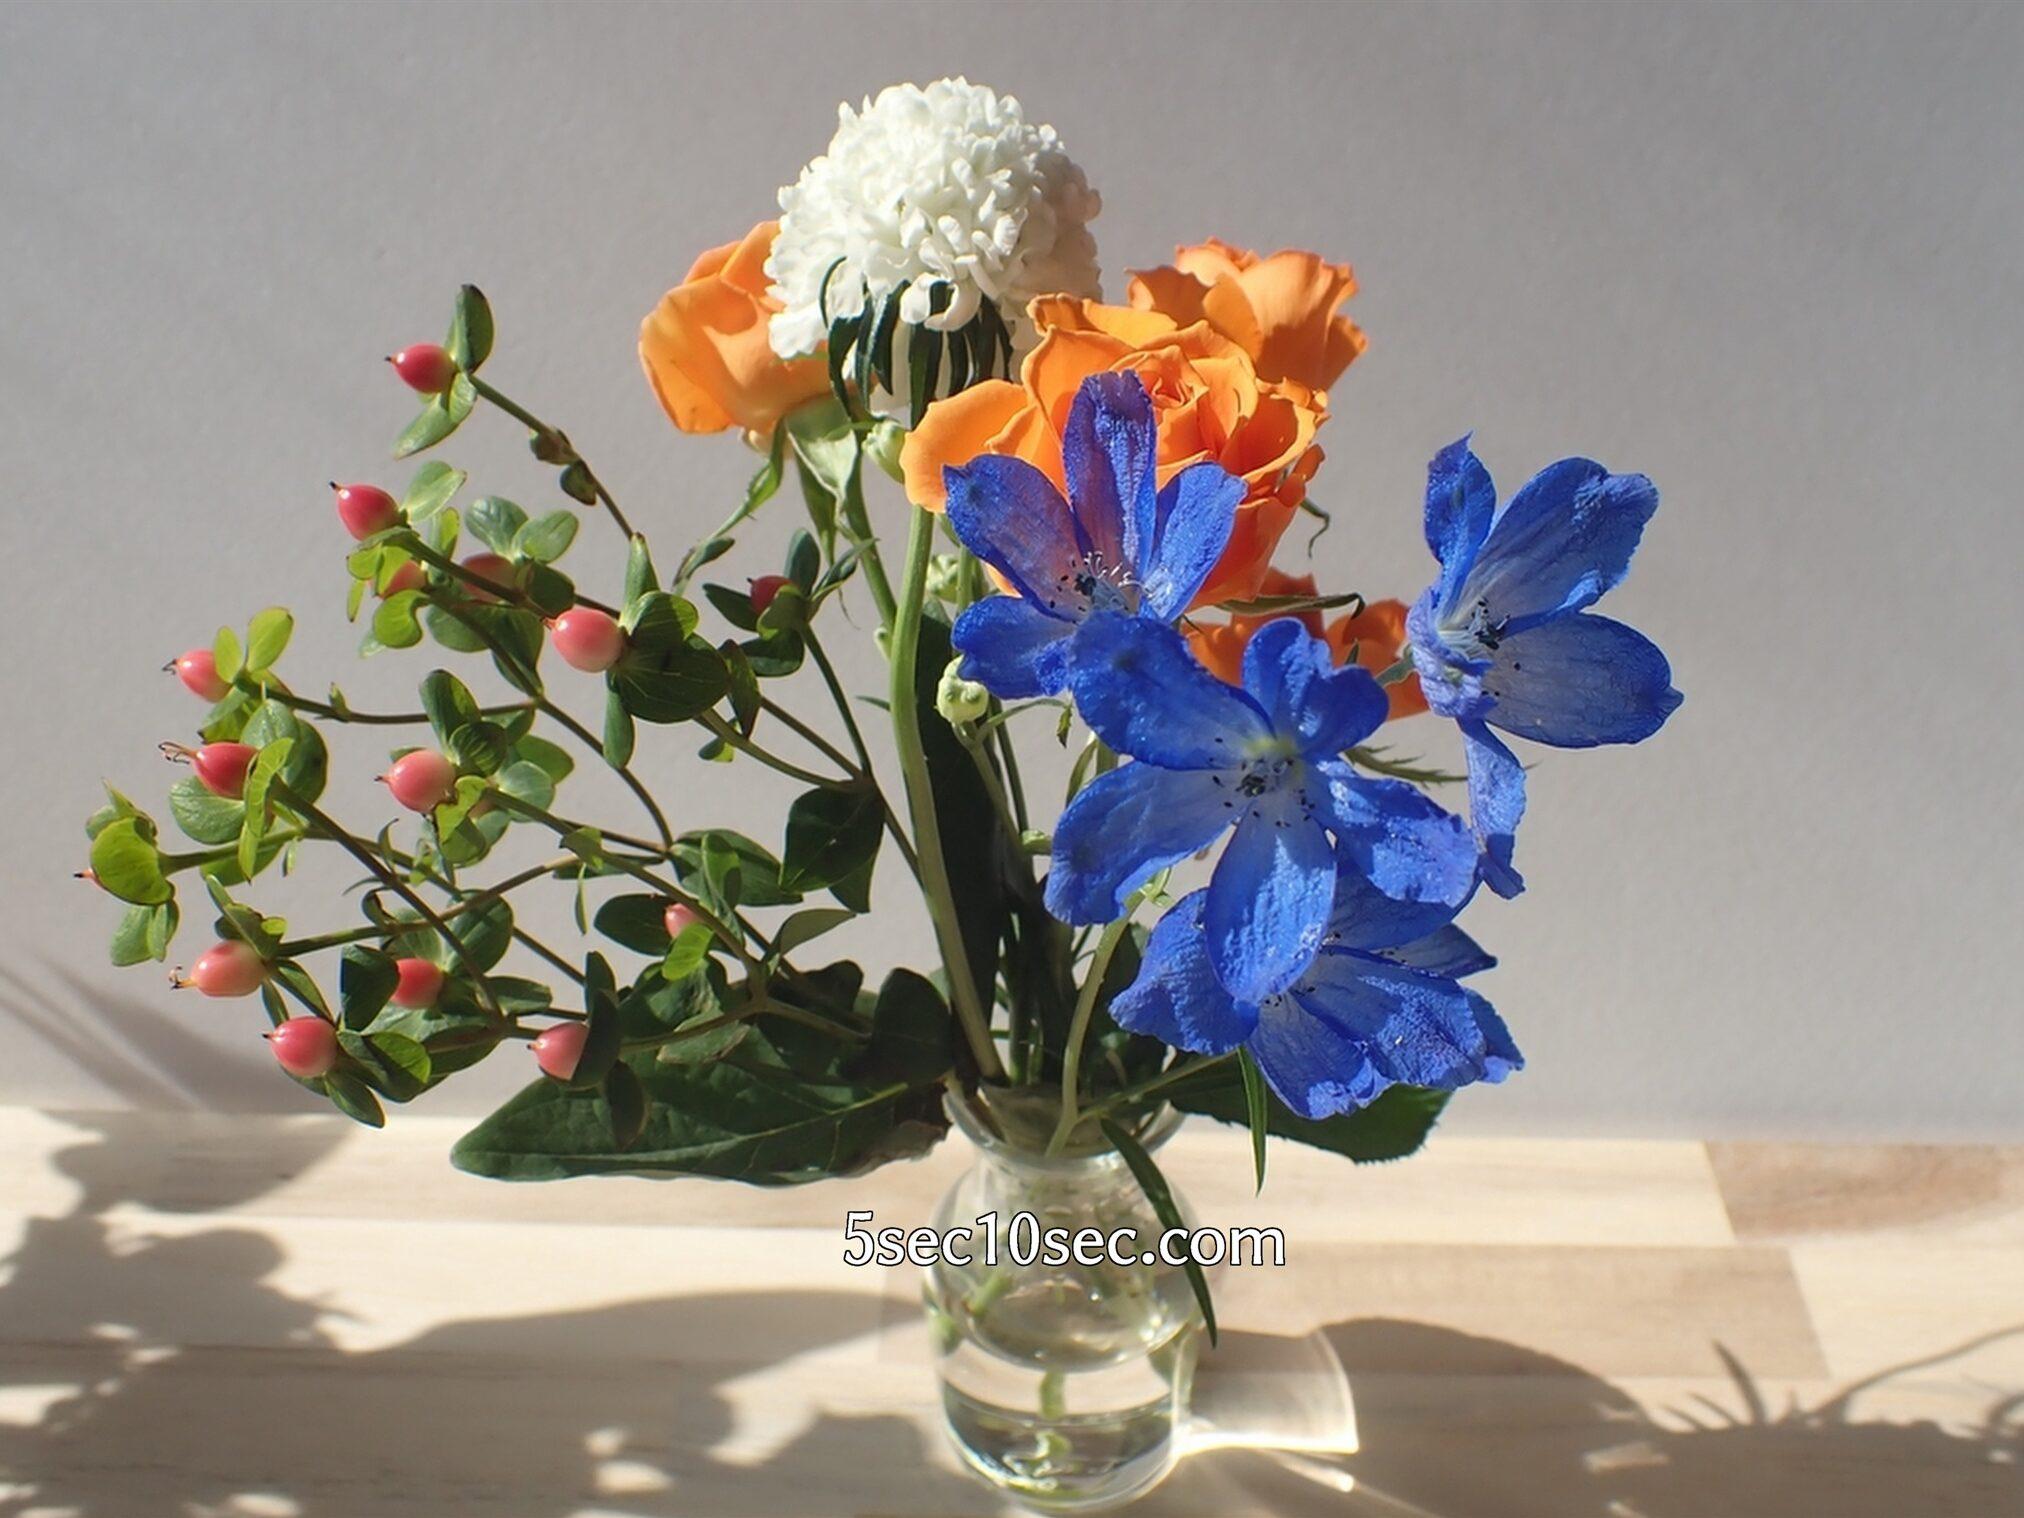 Bloomee LIFE(ブルーミーライフ)レギュラープラン 今週のお花 赤い実のヒペリカム キャンディフレアーや、スプレーデルフィニウムも素敵